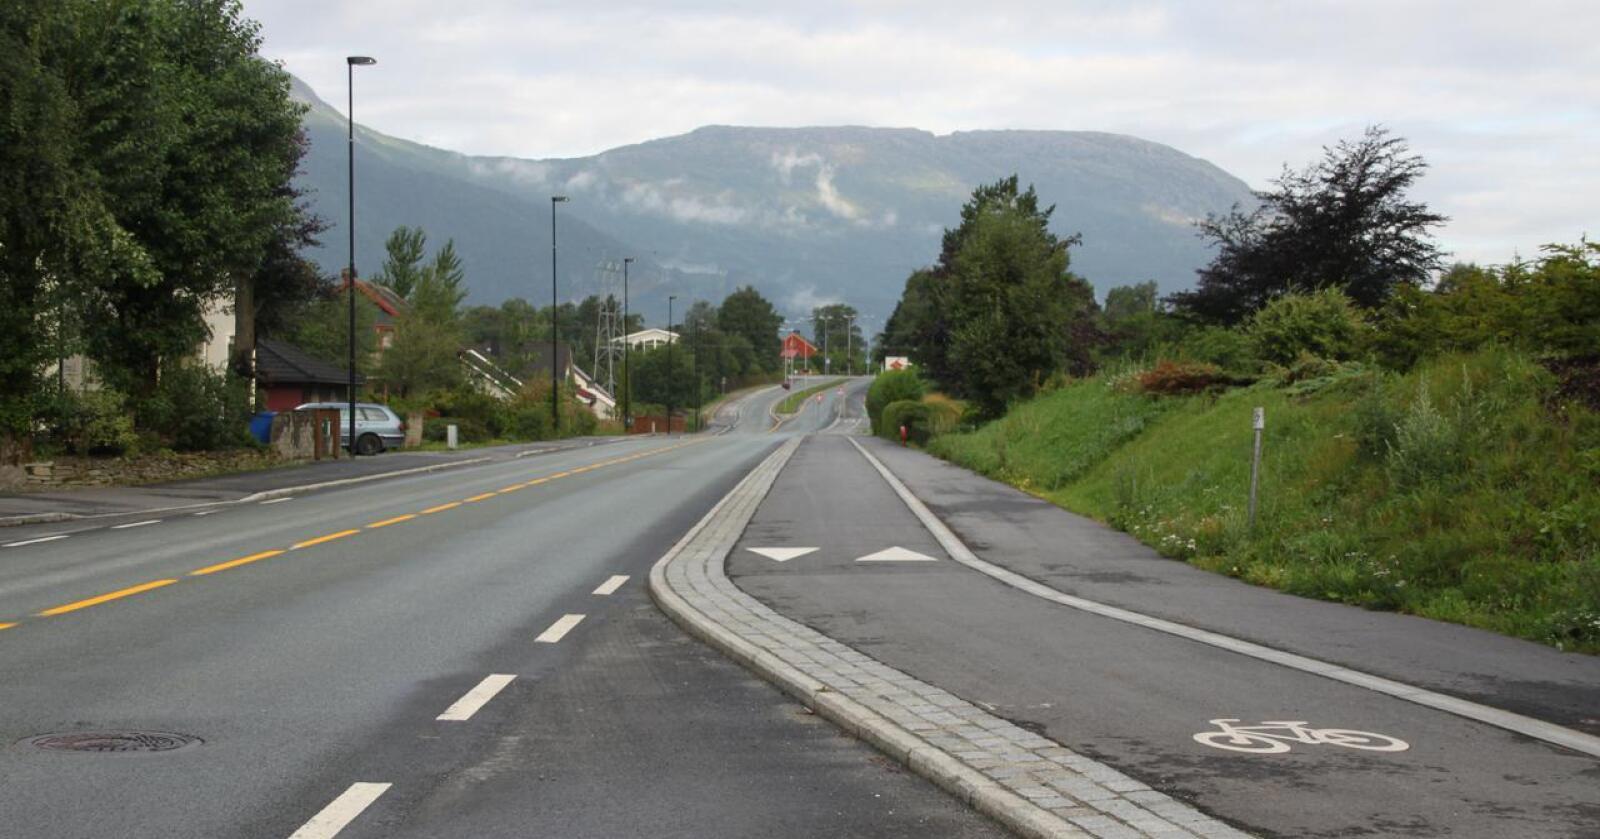 Ut eller hjem?: Politikerne må huske hva det betyr å høre til. Her fra Sunndalsøra i Møre og Romsdal. Foto: Janne Grete Aspen